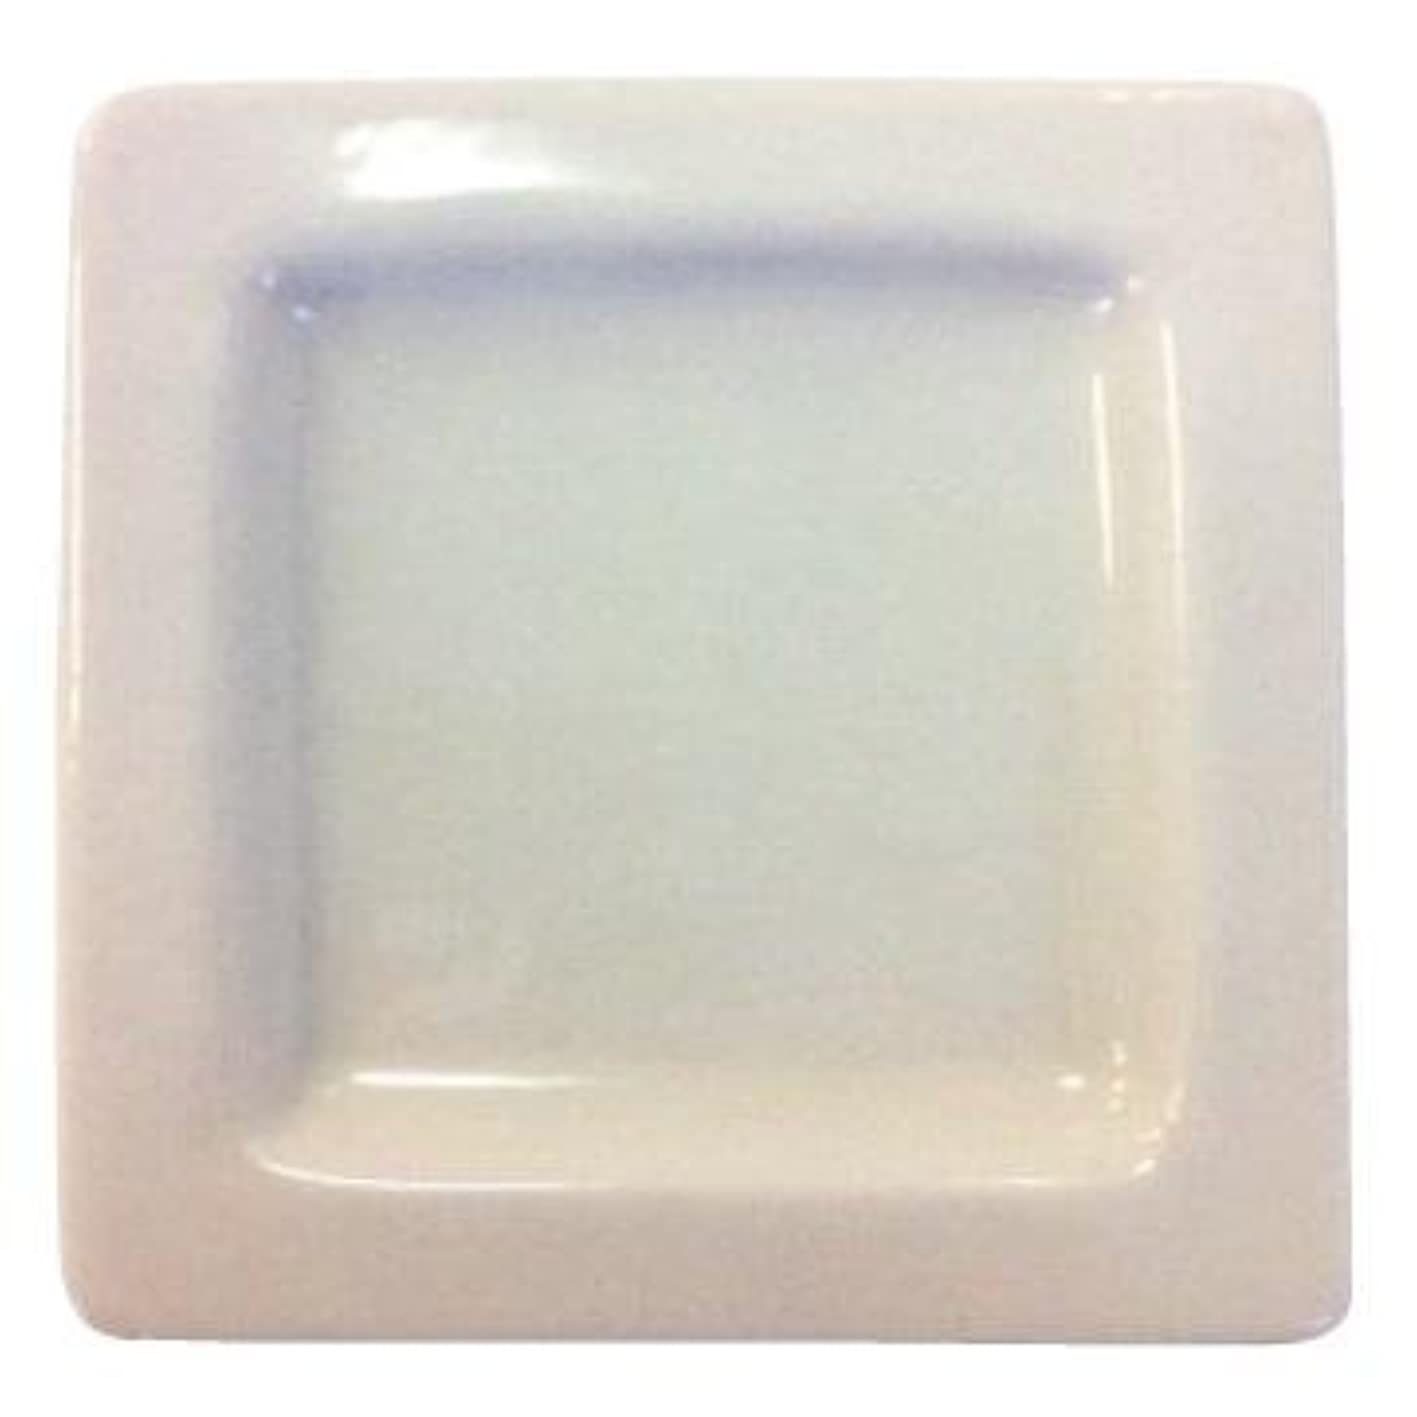 熱心なチップ広範囲に生活の木 アロマランプL アイビー用精油皿(上皿)